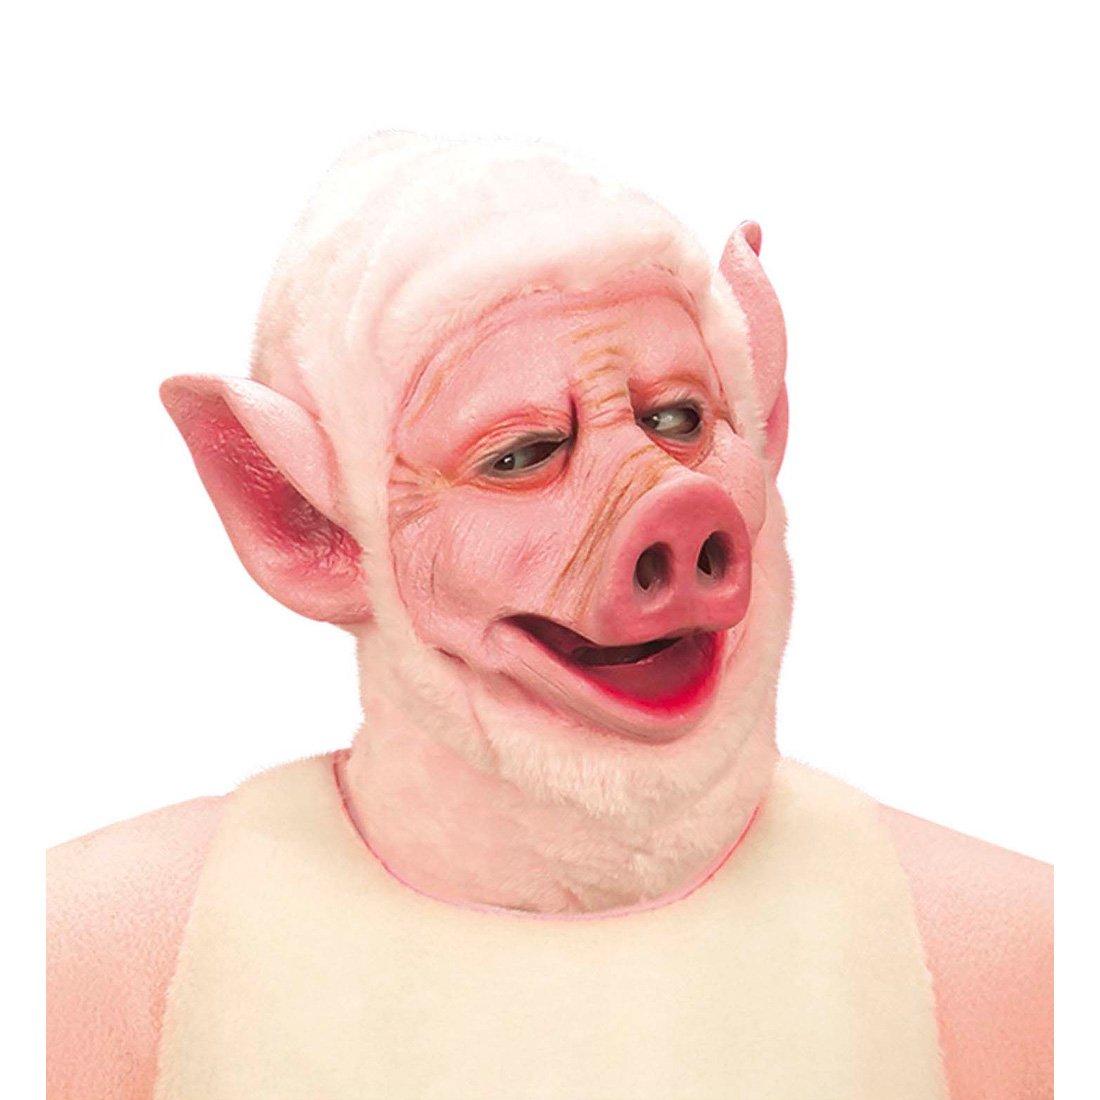 Cerdos Máscara Máscara Máscara Máscara Máscara de cerdo rosa cerdo cerdo animal granja: Amazon.es: Juguetes y juegos